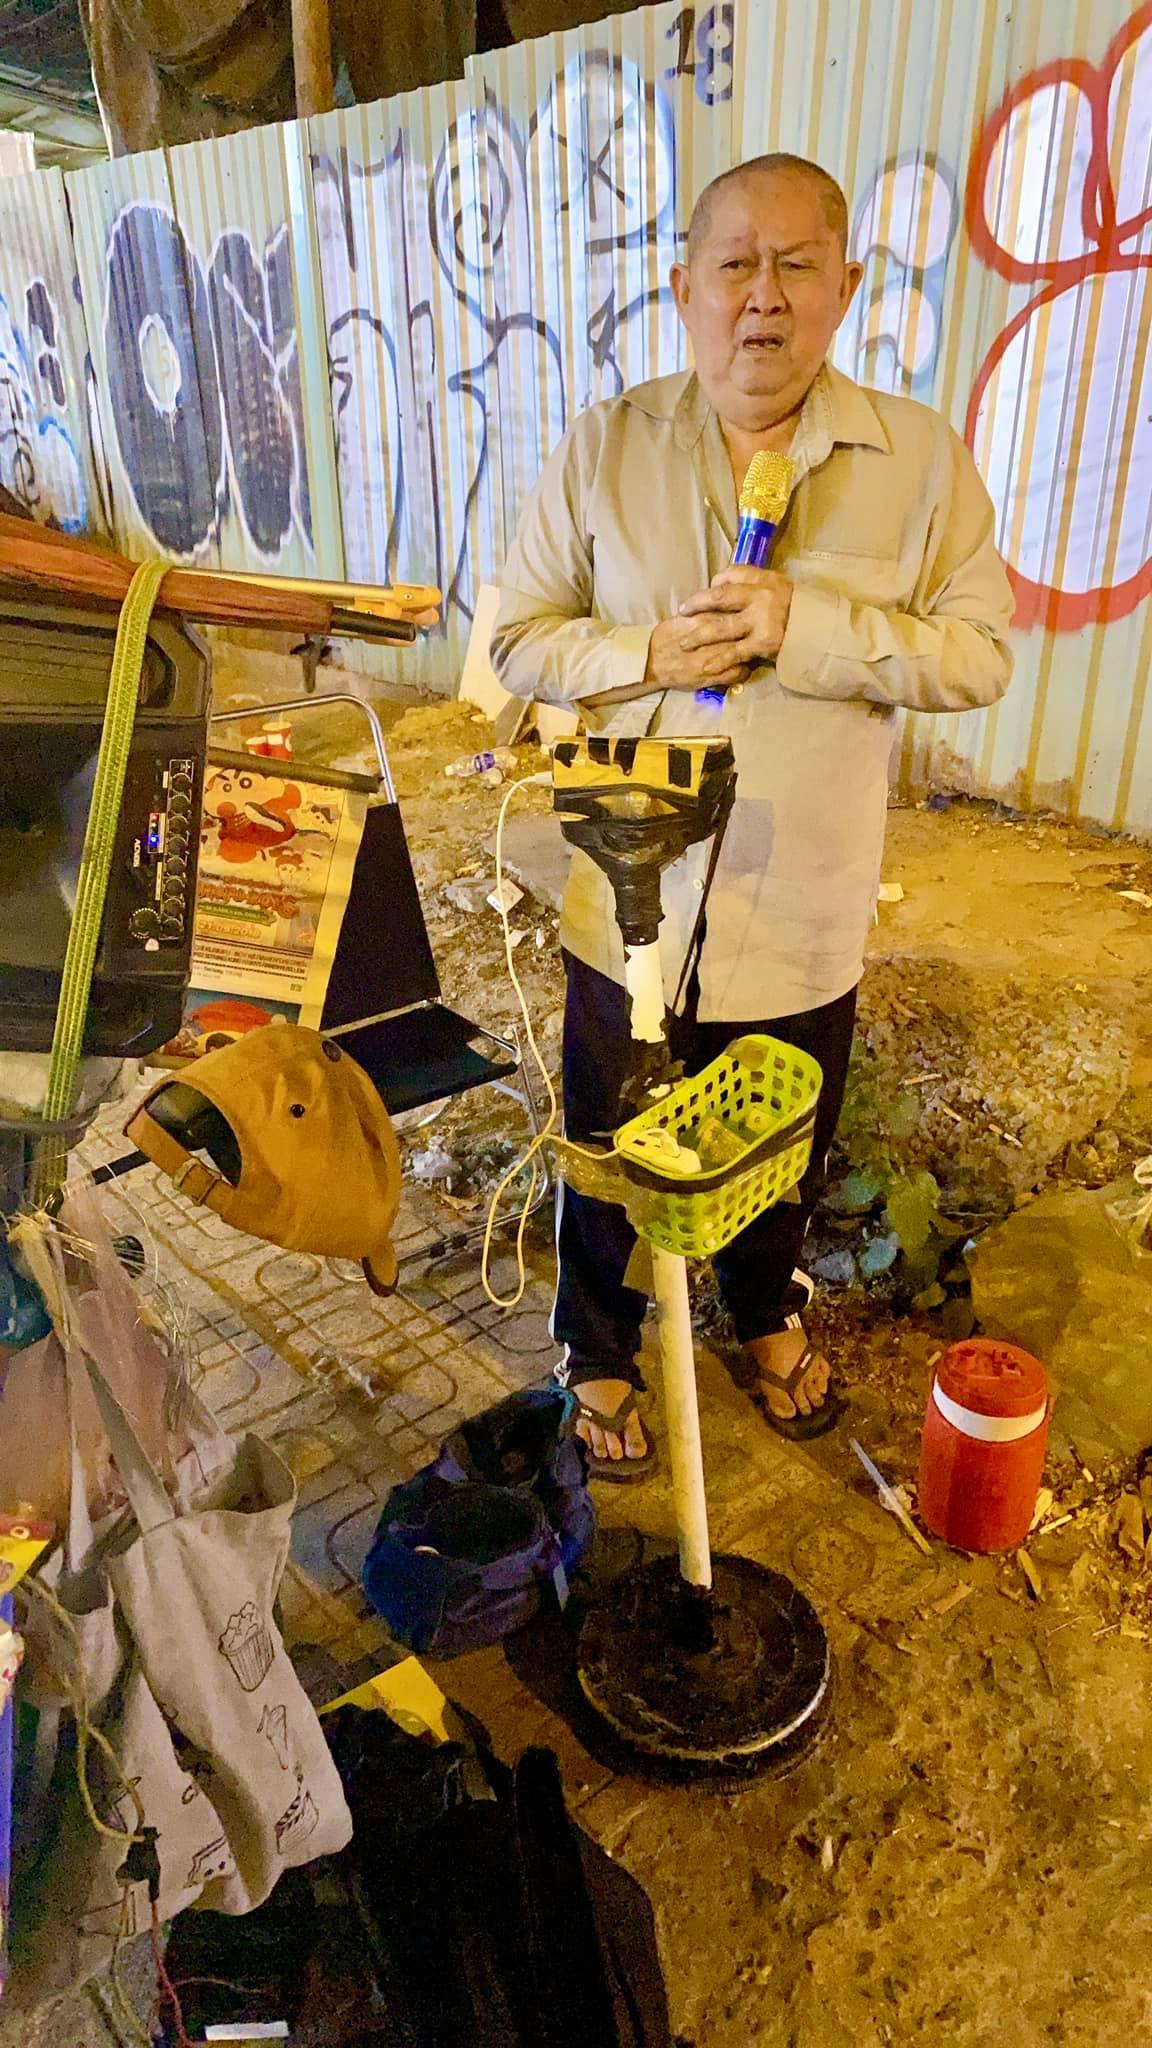 Xót xa cụ ông ở Sài Gòn lúc đêm muộn những ngày giáp Tết vẫn bươn chải hát rong bán hàng kiếm tiền mua thuốc cho em-2